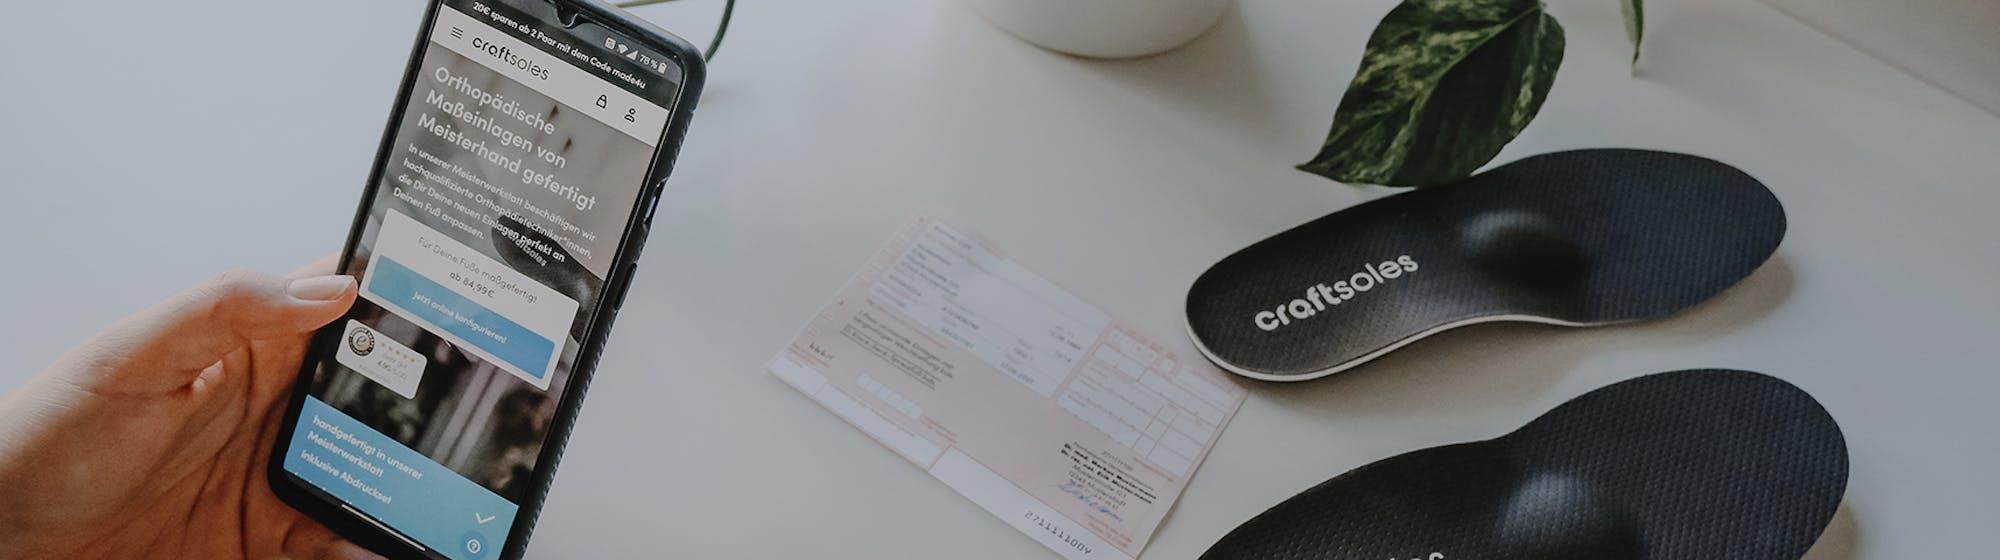 Einlagen online auf Rezept Krankenkasse